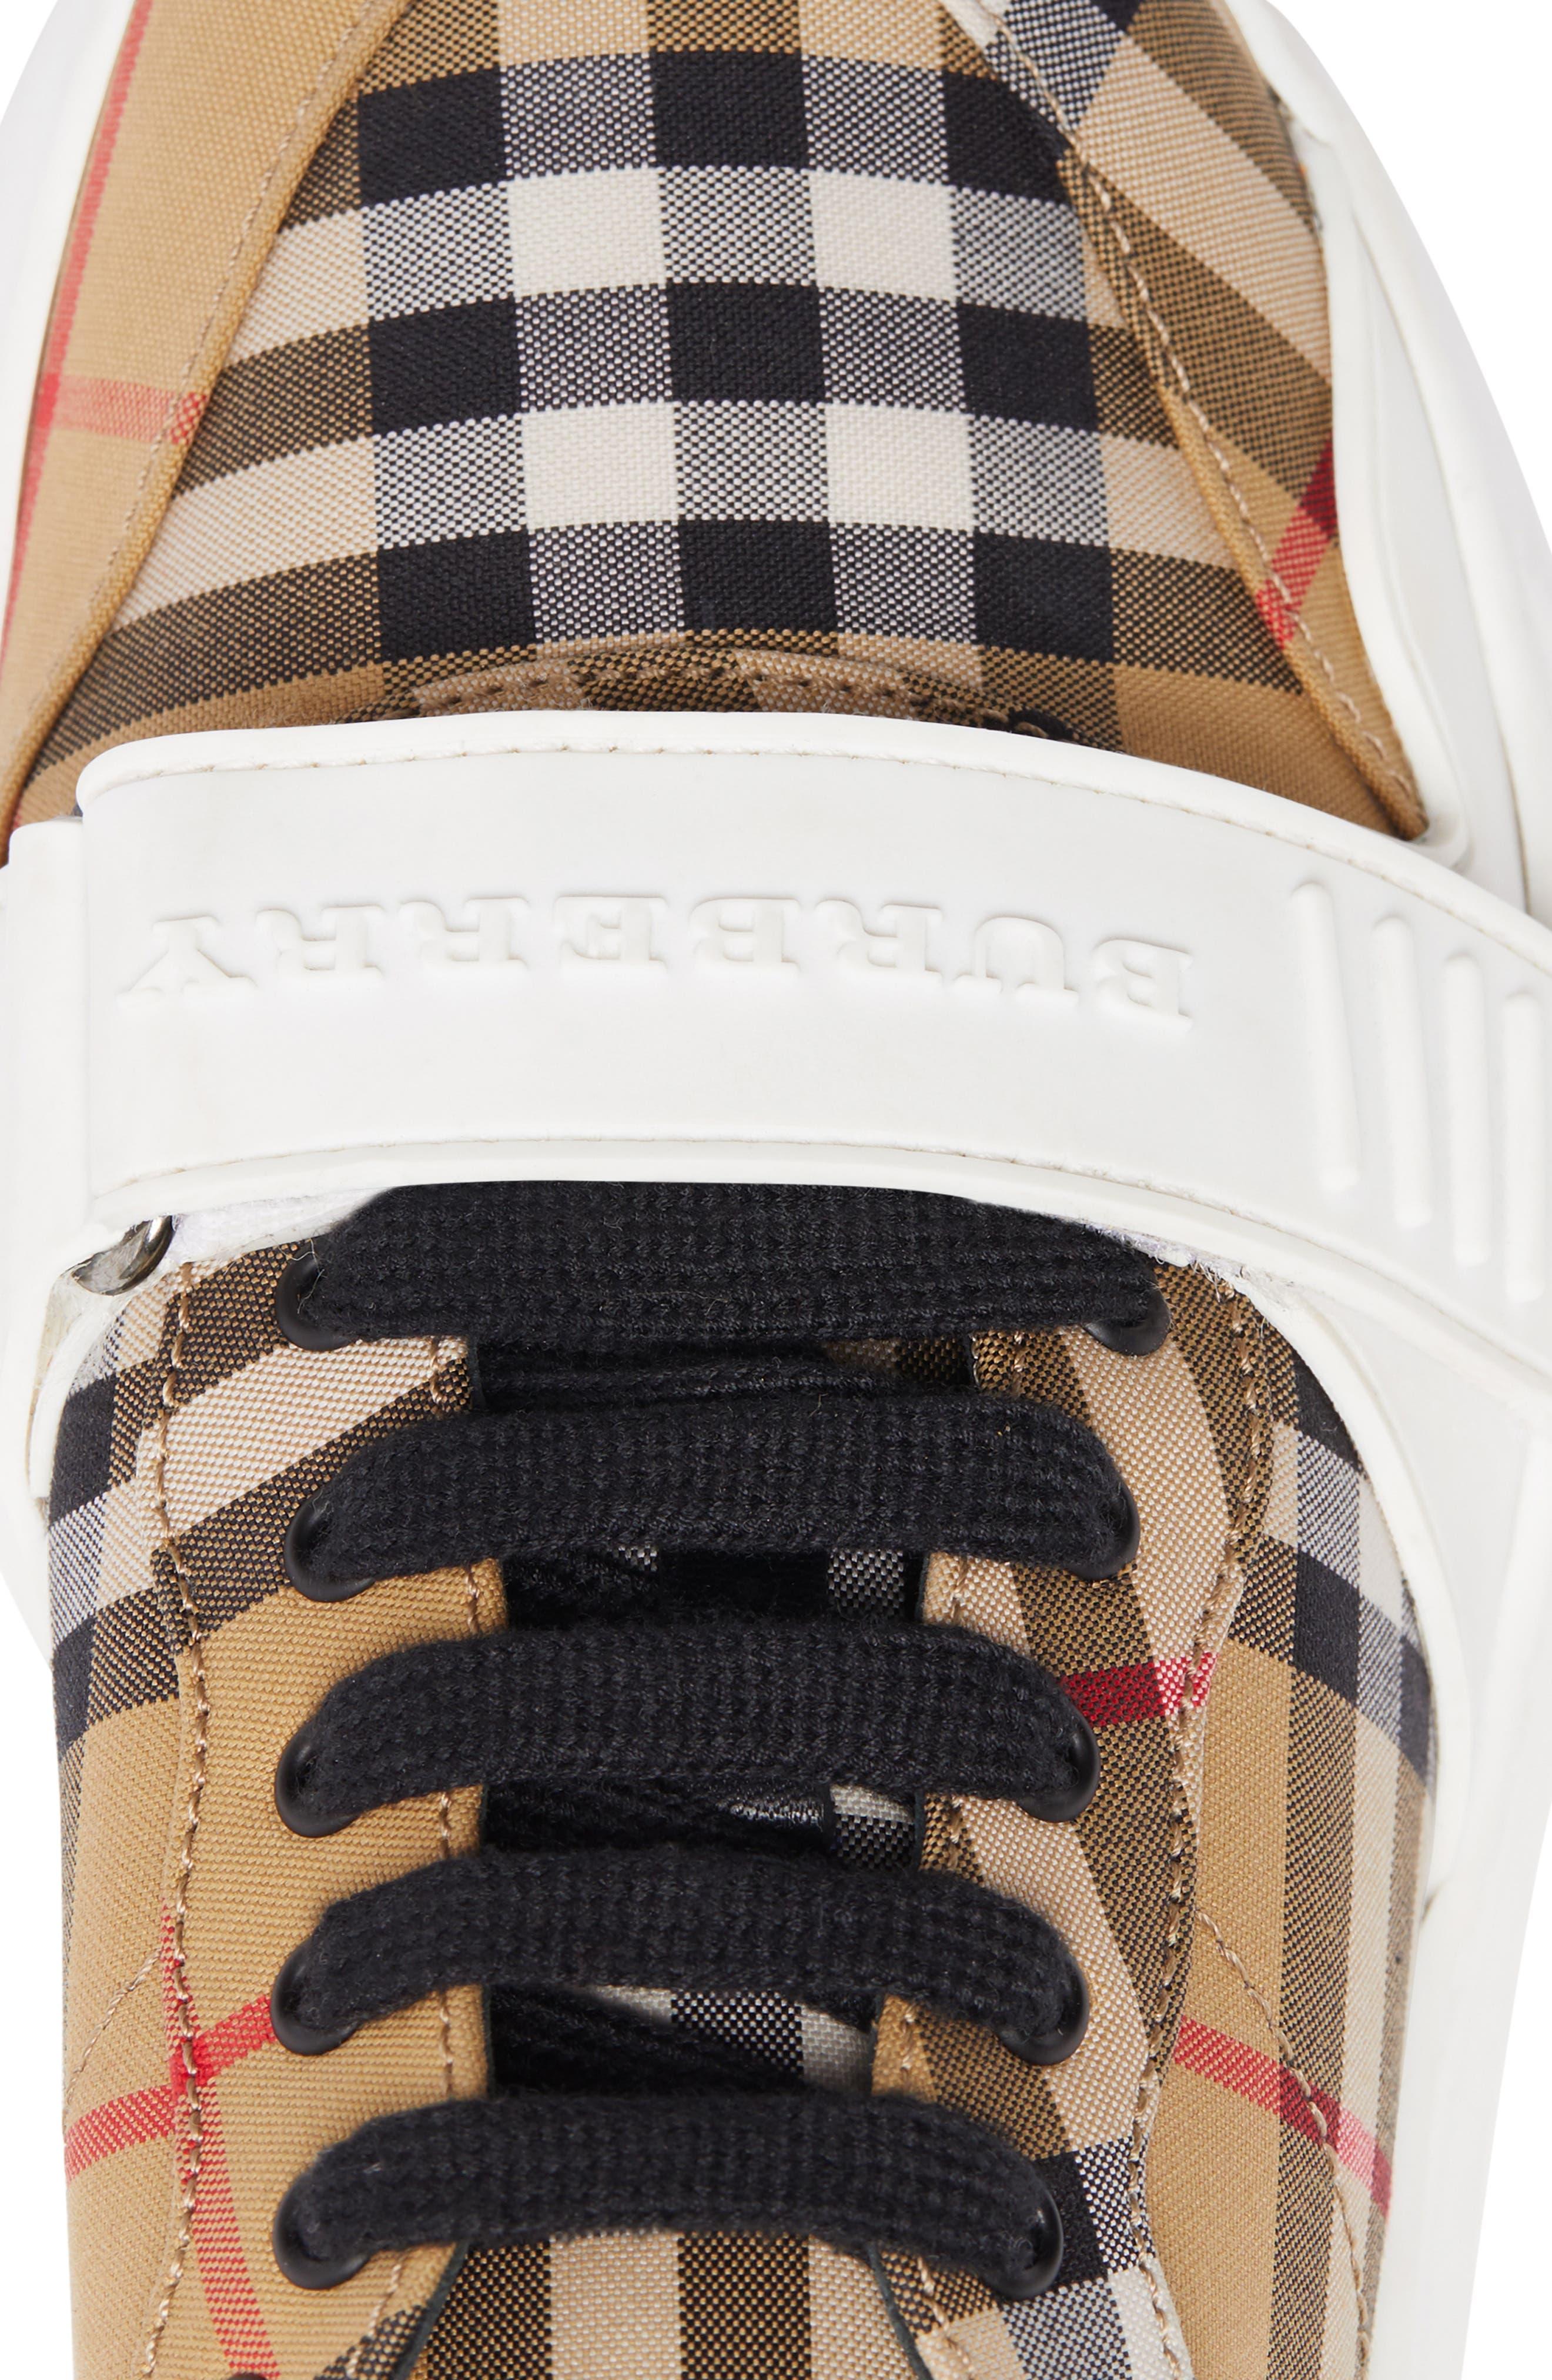 BURBERRY, Regis Check Lace-Up Sneaker, Alternate thumbnail 7, color, BEIGE PLAID